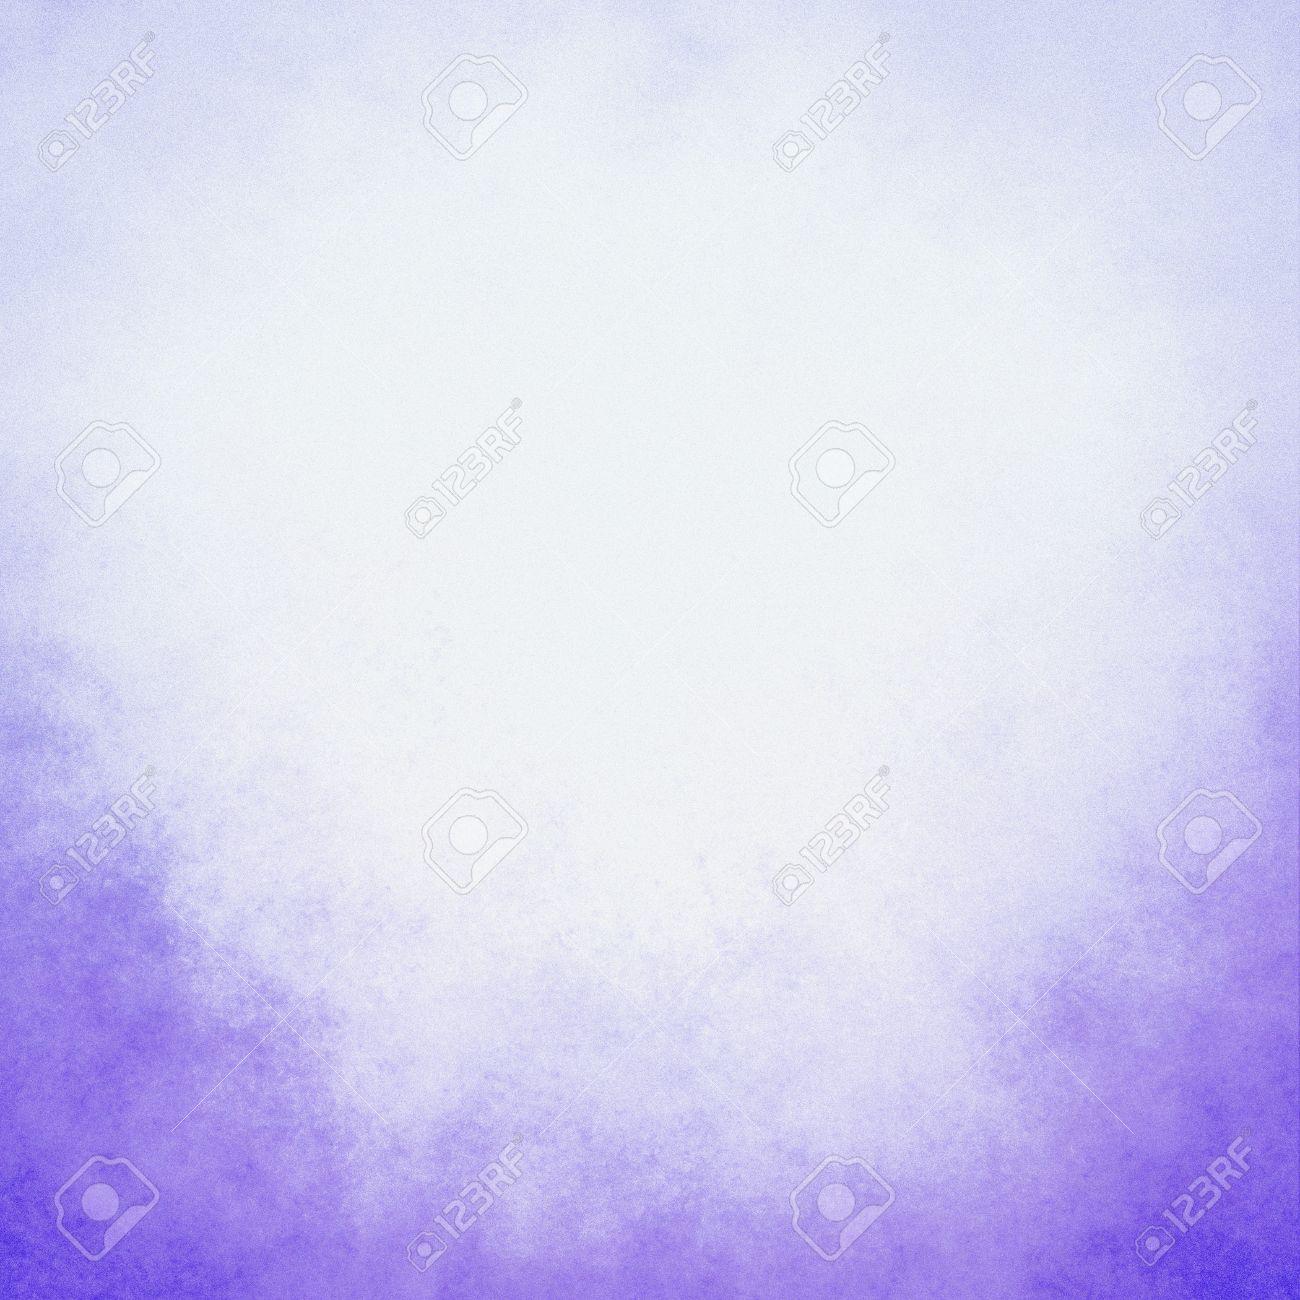 Classy Licht Paarse Achtergrond Met Pastel Hoogste Grens En Gradient Kleur Aan Donkere Onderste Rand Oude Verontruste Uitstekende Paarse Achtergrond Met Vervaagde Witte Kleur En Vintage Grunge Textuur Royalty Vrije Foto Plaatjes Beelden